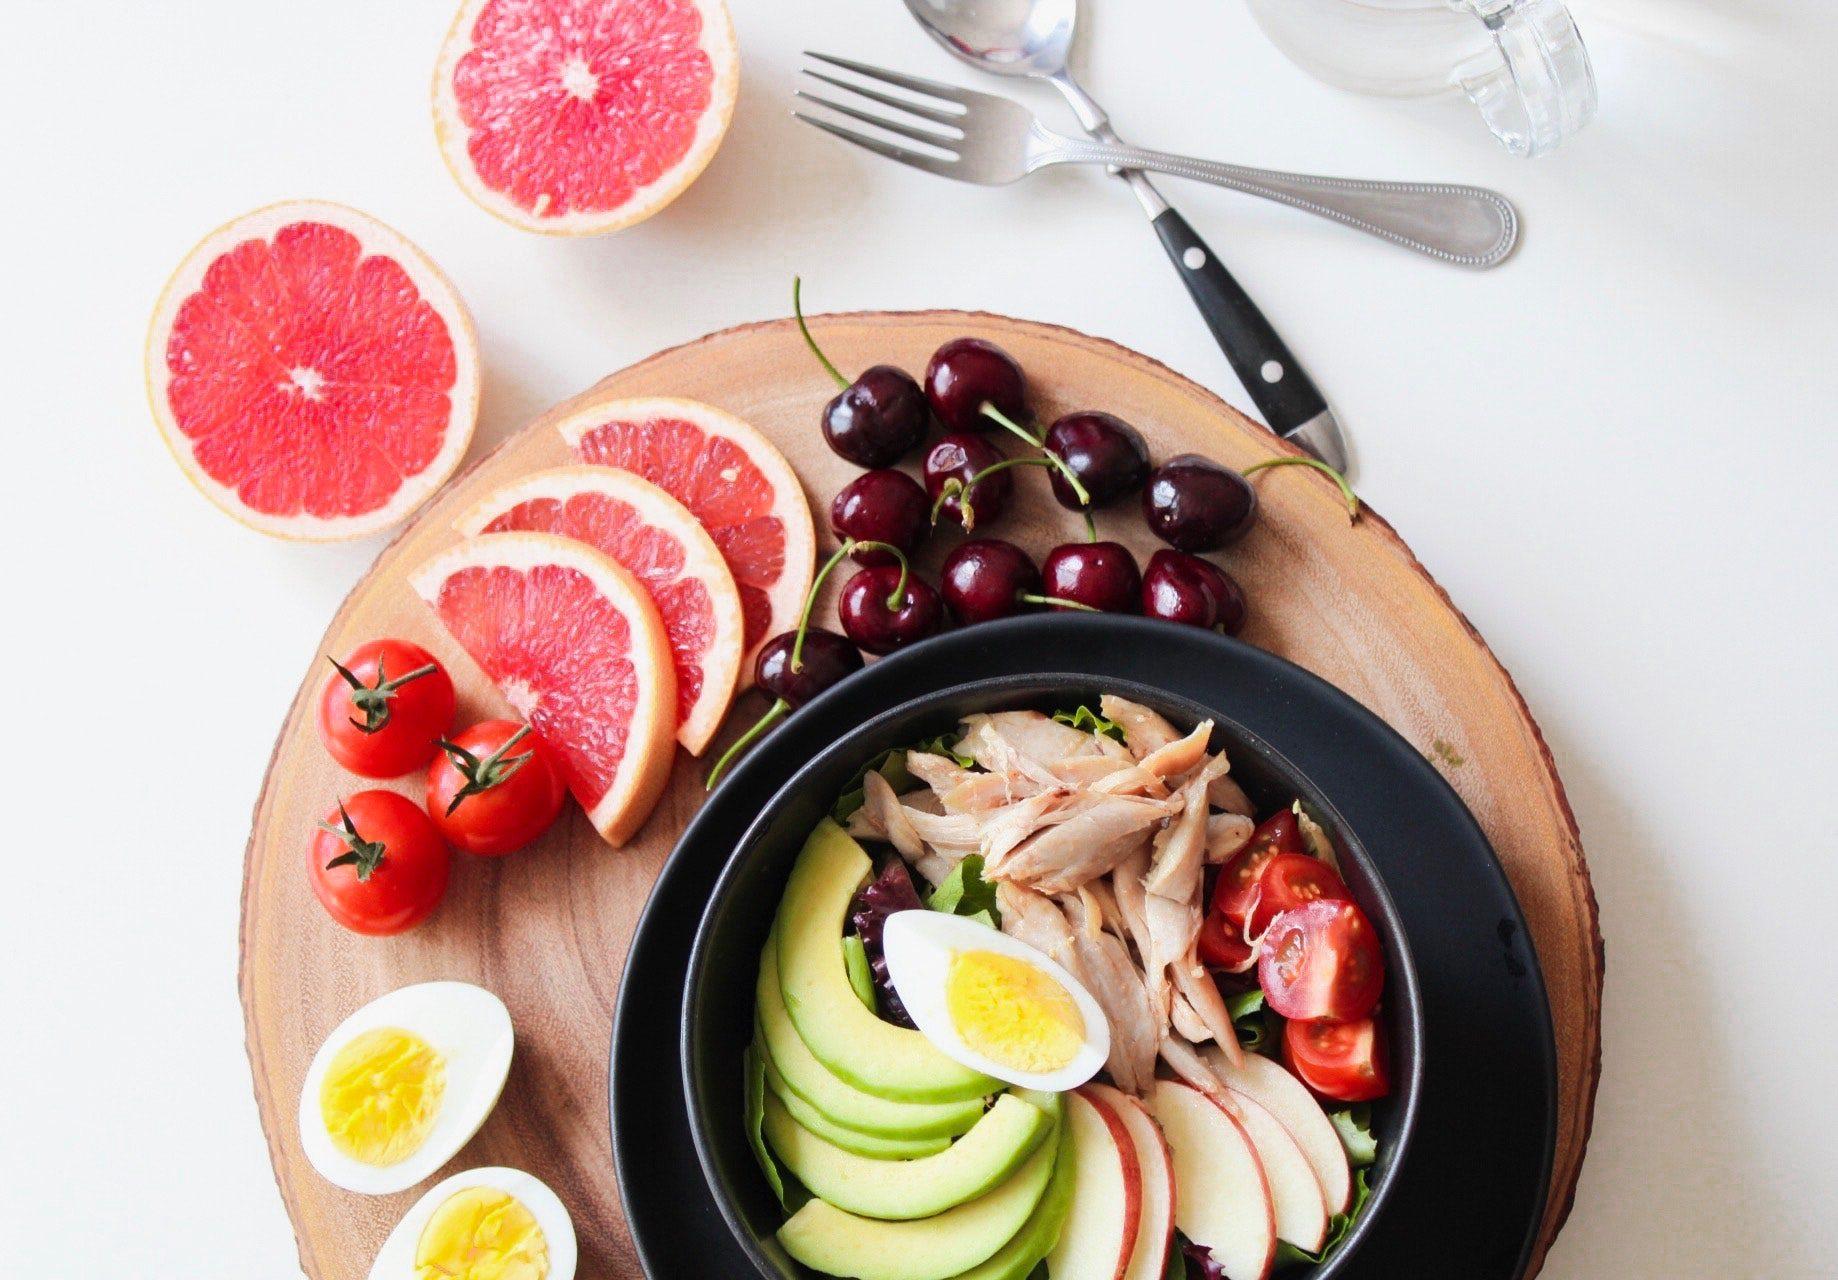 Η διατροφή επηρεάζει τη γονιμότητα